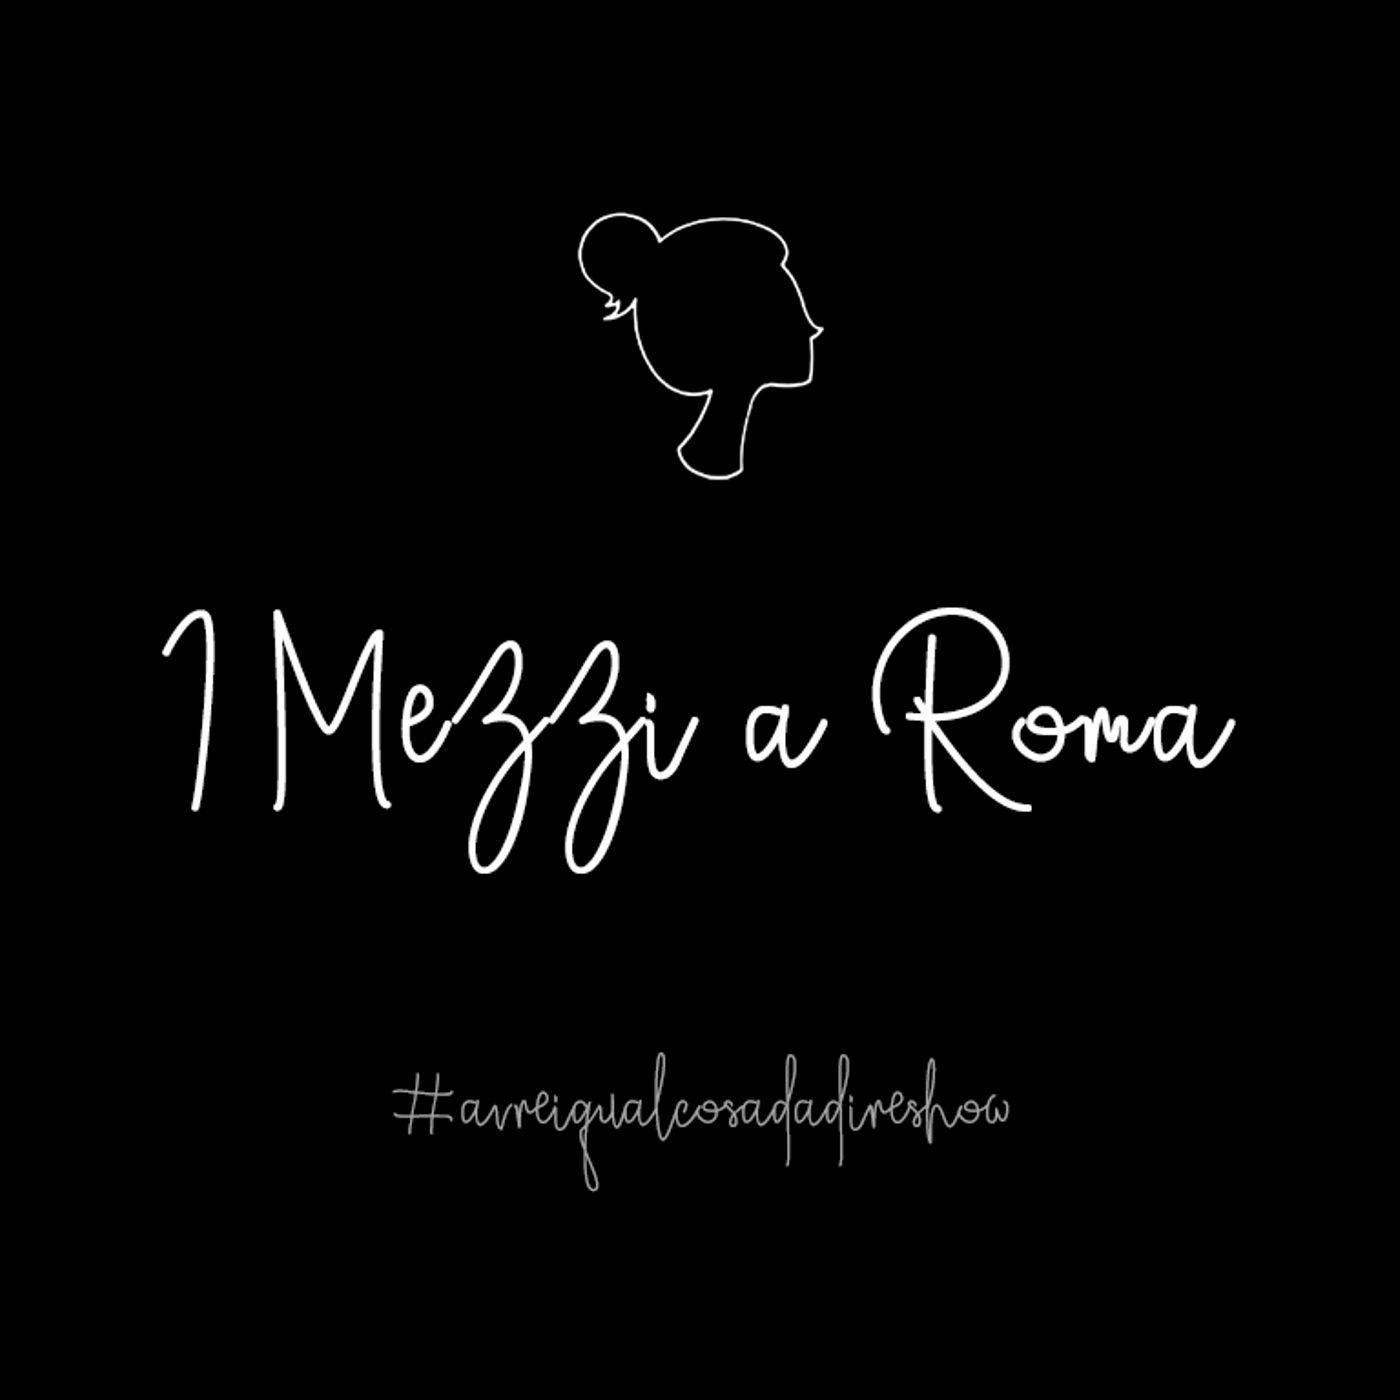 I mezzi a Roma - Avrei qualcosa da dire Show